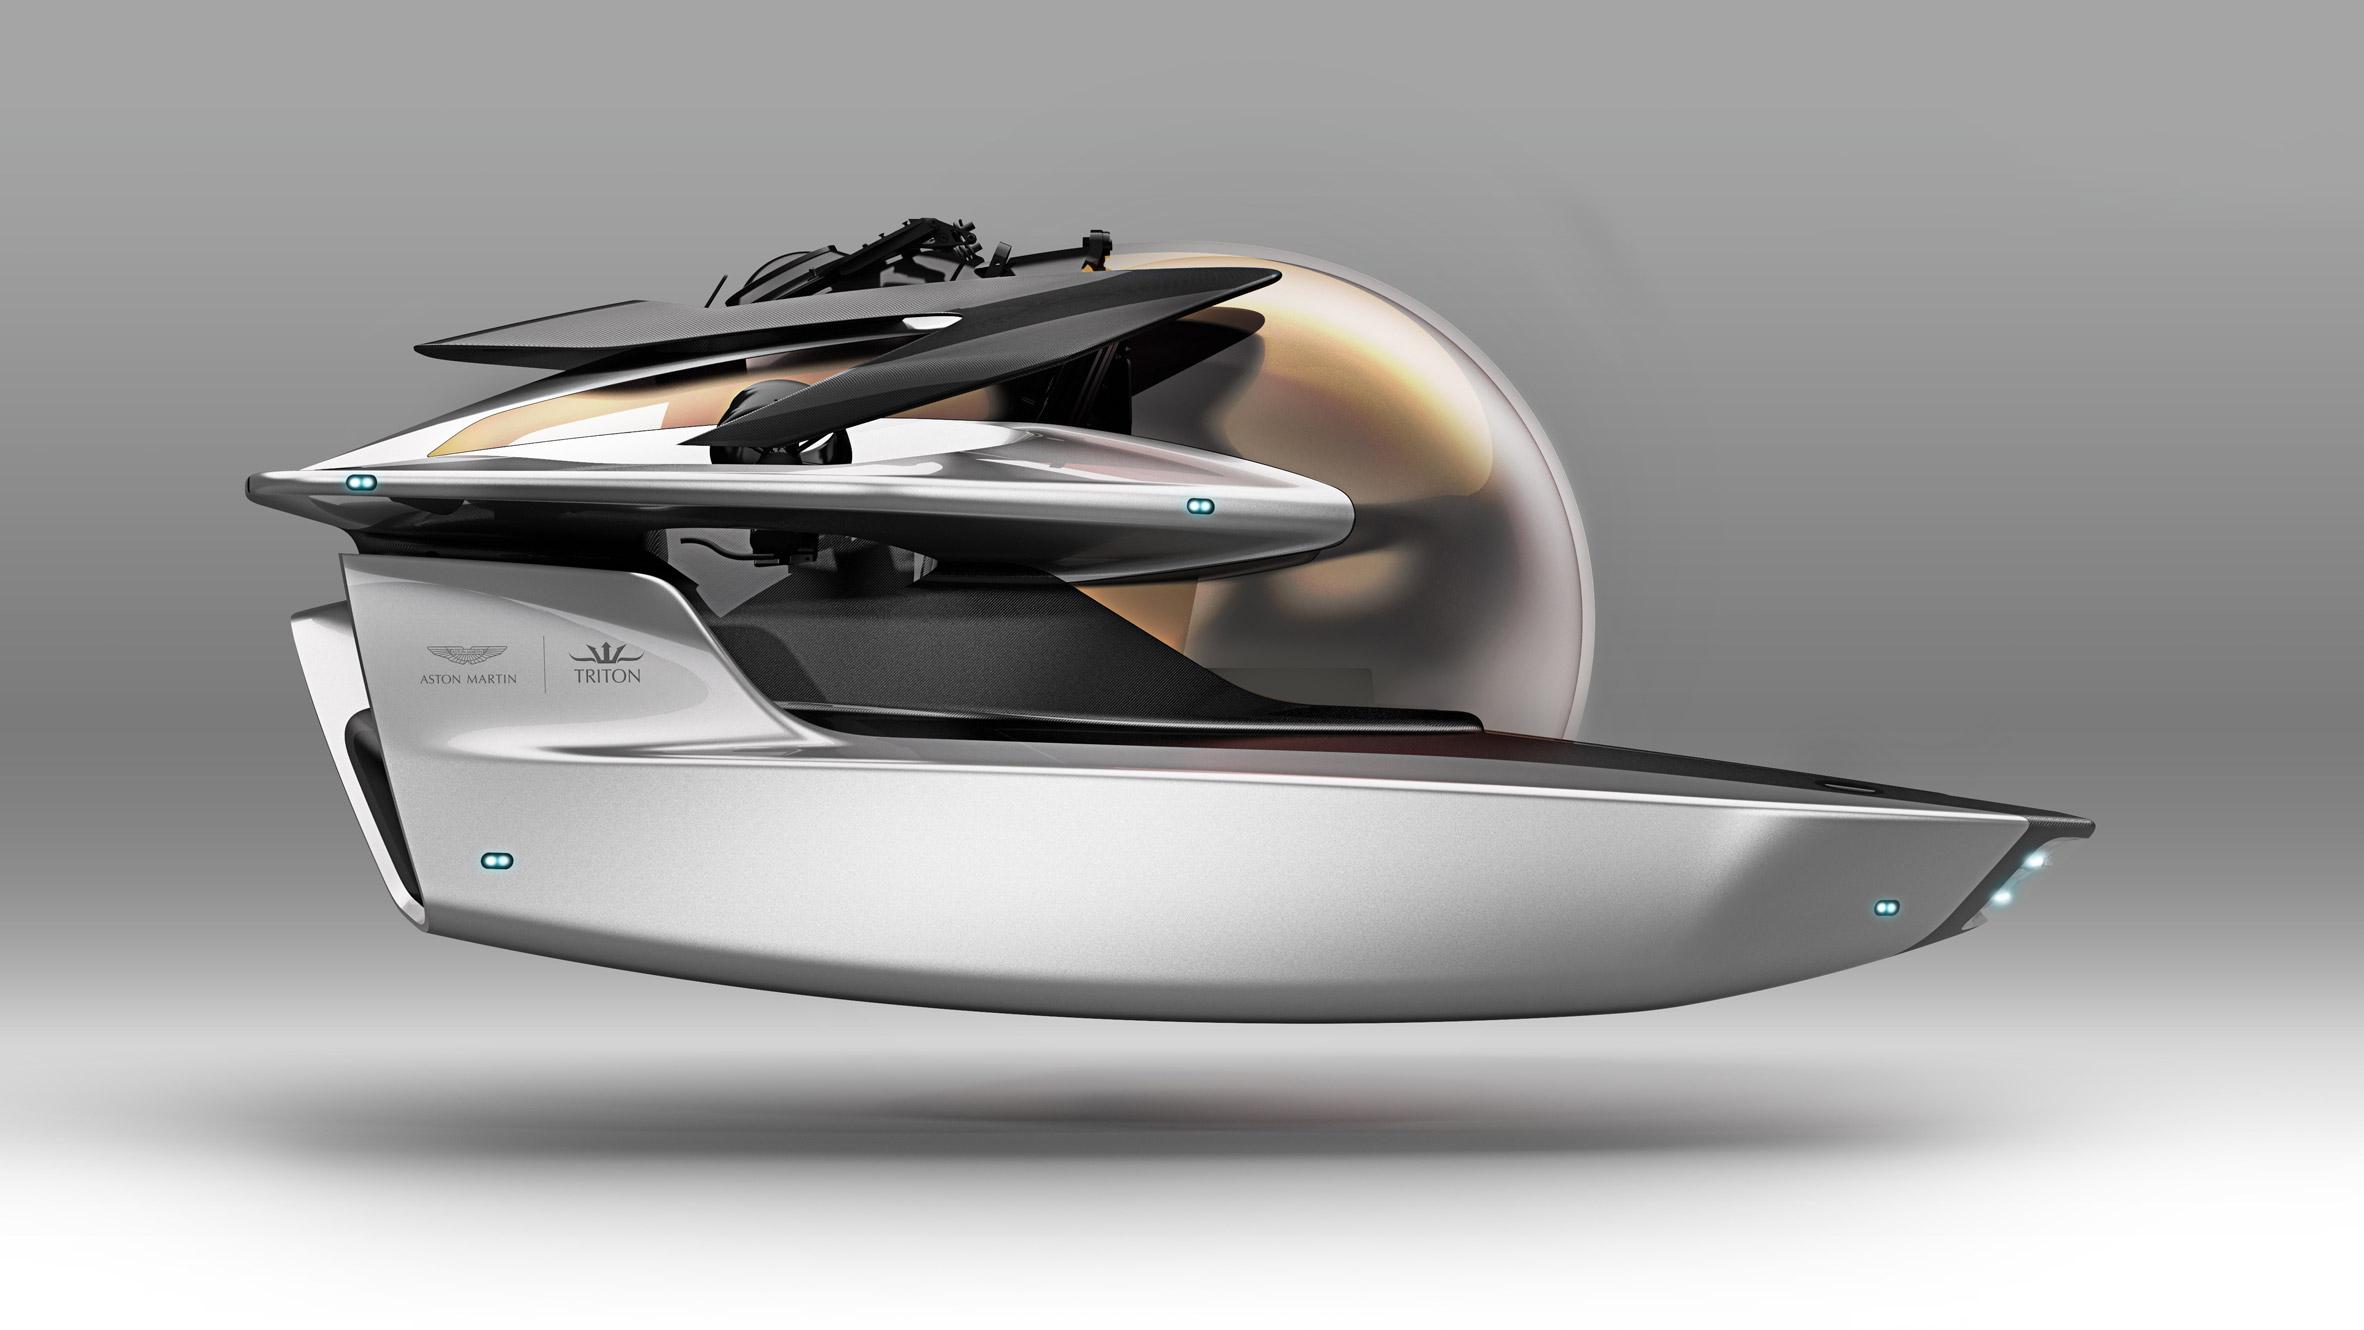 Boat design | Dezeen magazine